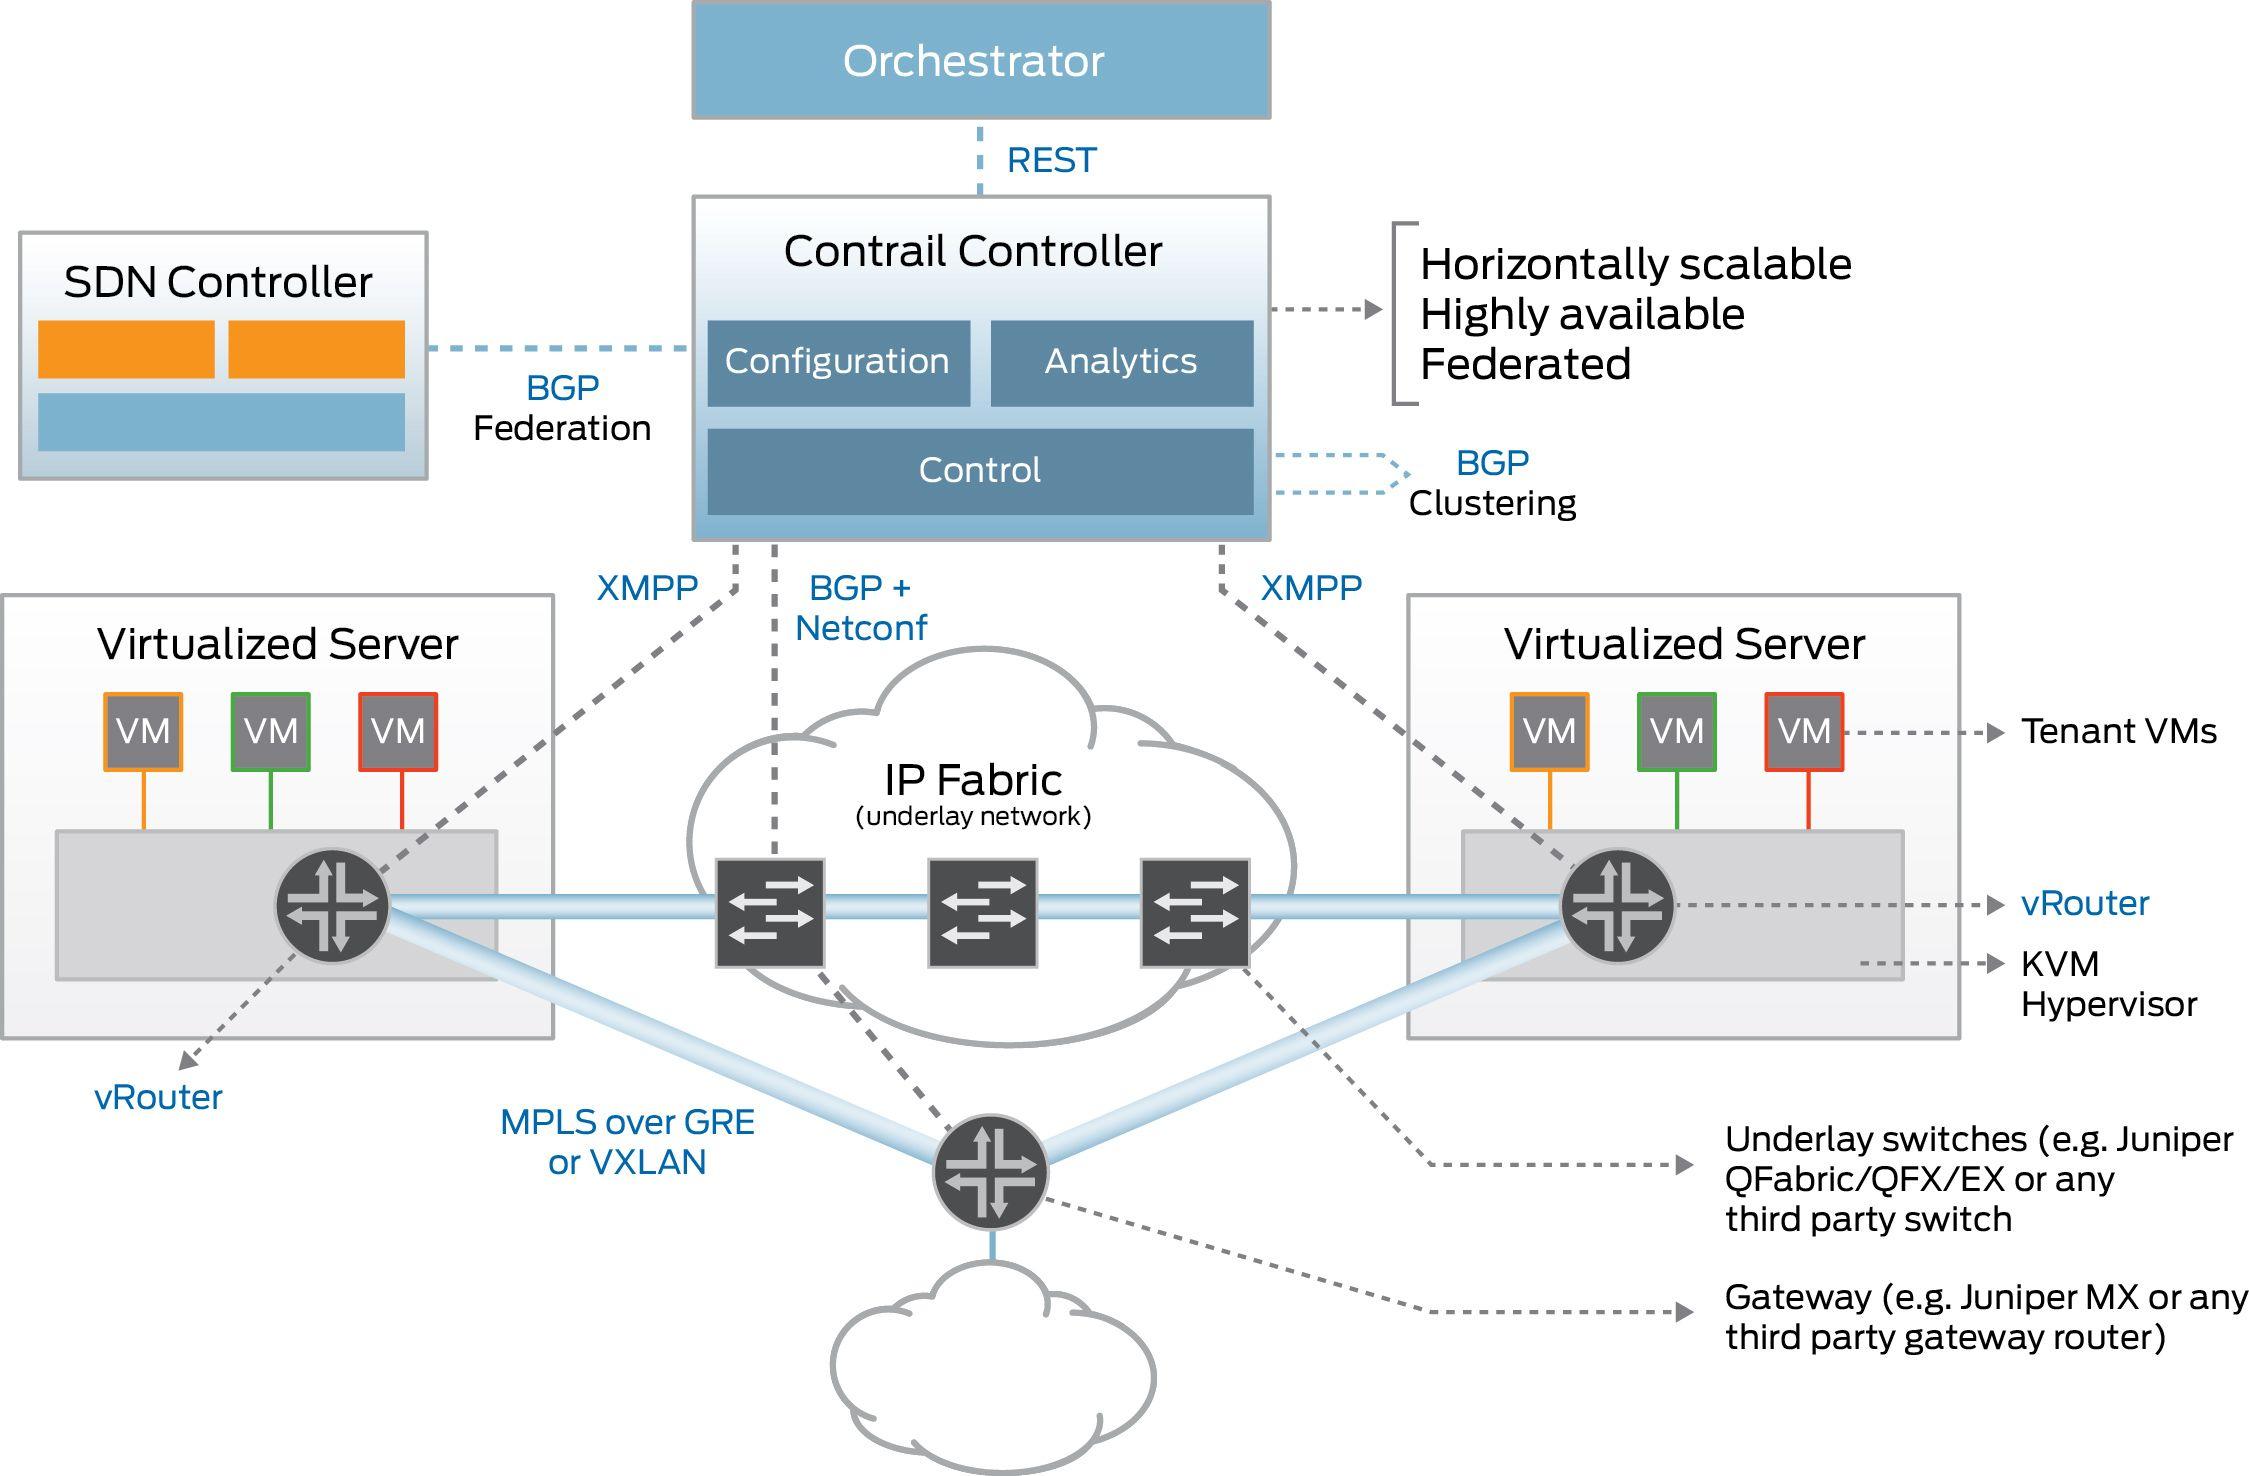 juniper contrail diagram network infrastructure uml network diagram network infrastructure configuration diagram #10